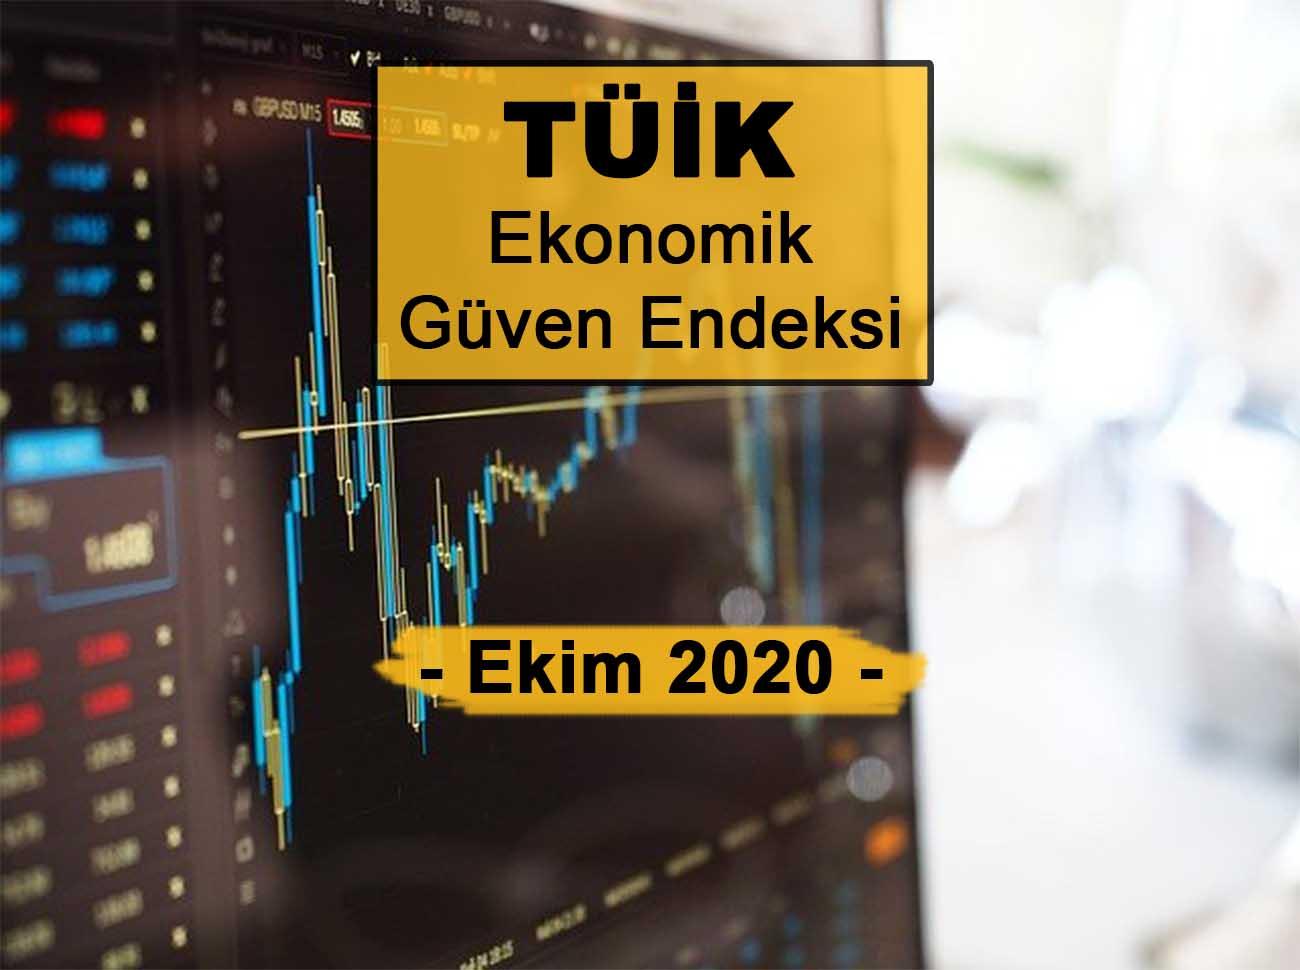 Ekonomik Güven Endeksi (Ekim 2020)